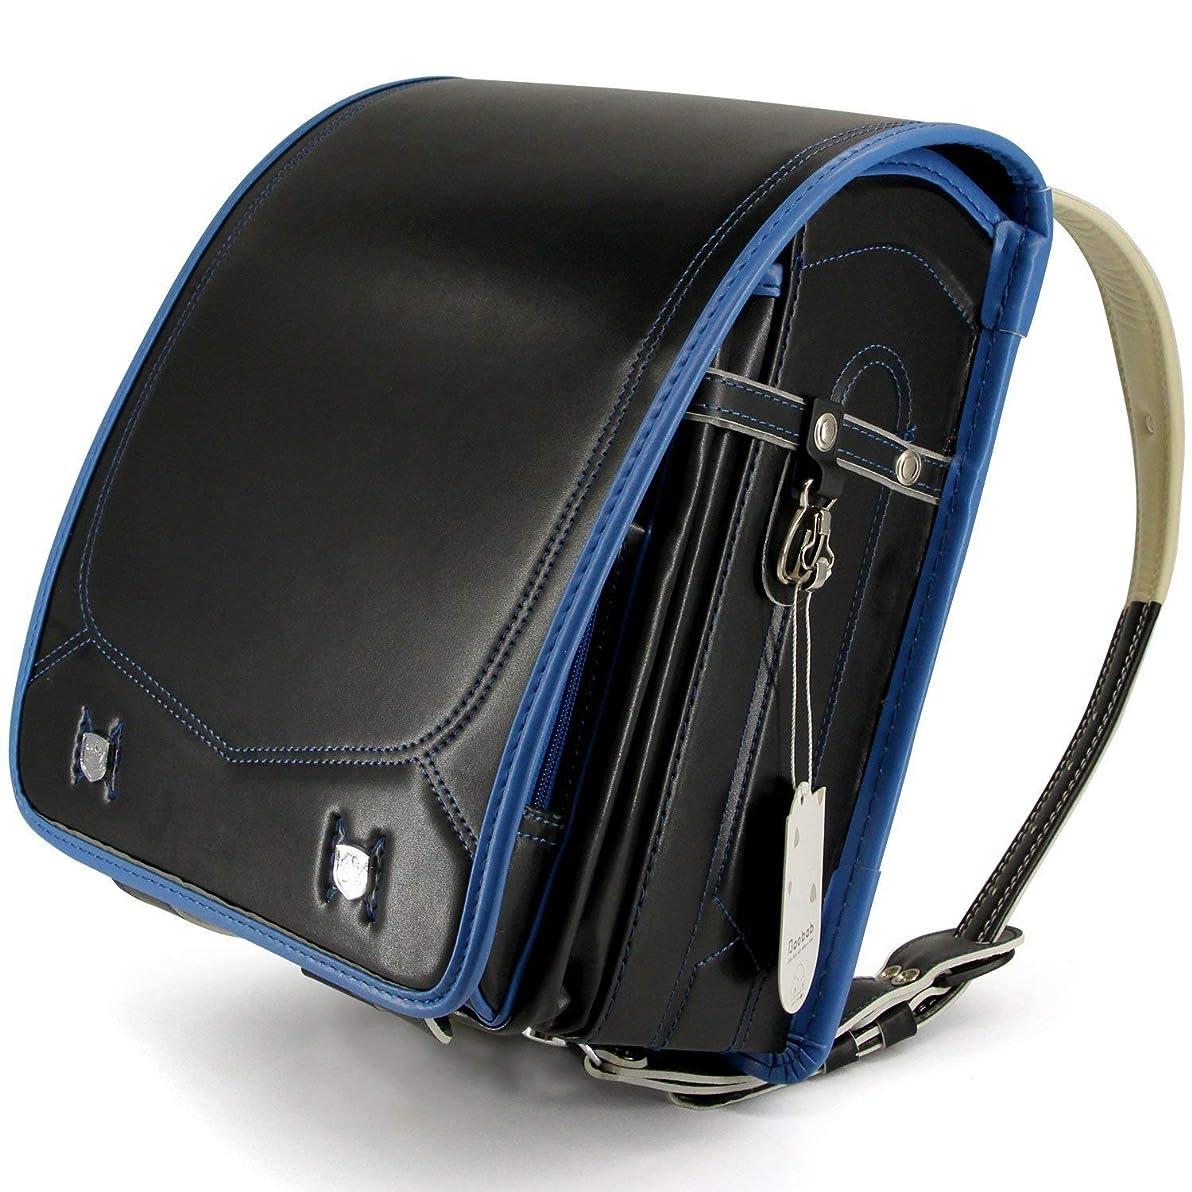 エコー誰でもツーリスト型崩れ防止強化 2019年 No.1強化レザー 傷に強い ランドセル 男の子 特典多数 高級合皮 大容量 ワンタッチロック 軽量 japanese schoolbag A4フラットファイル対応 小学生通学鞄 6年間保証付き シンプル ブッラク (ブラック×ブルー糸)